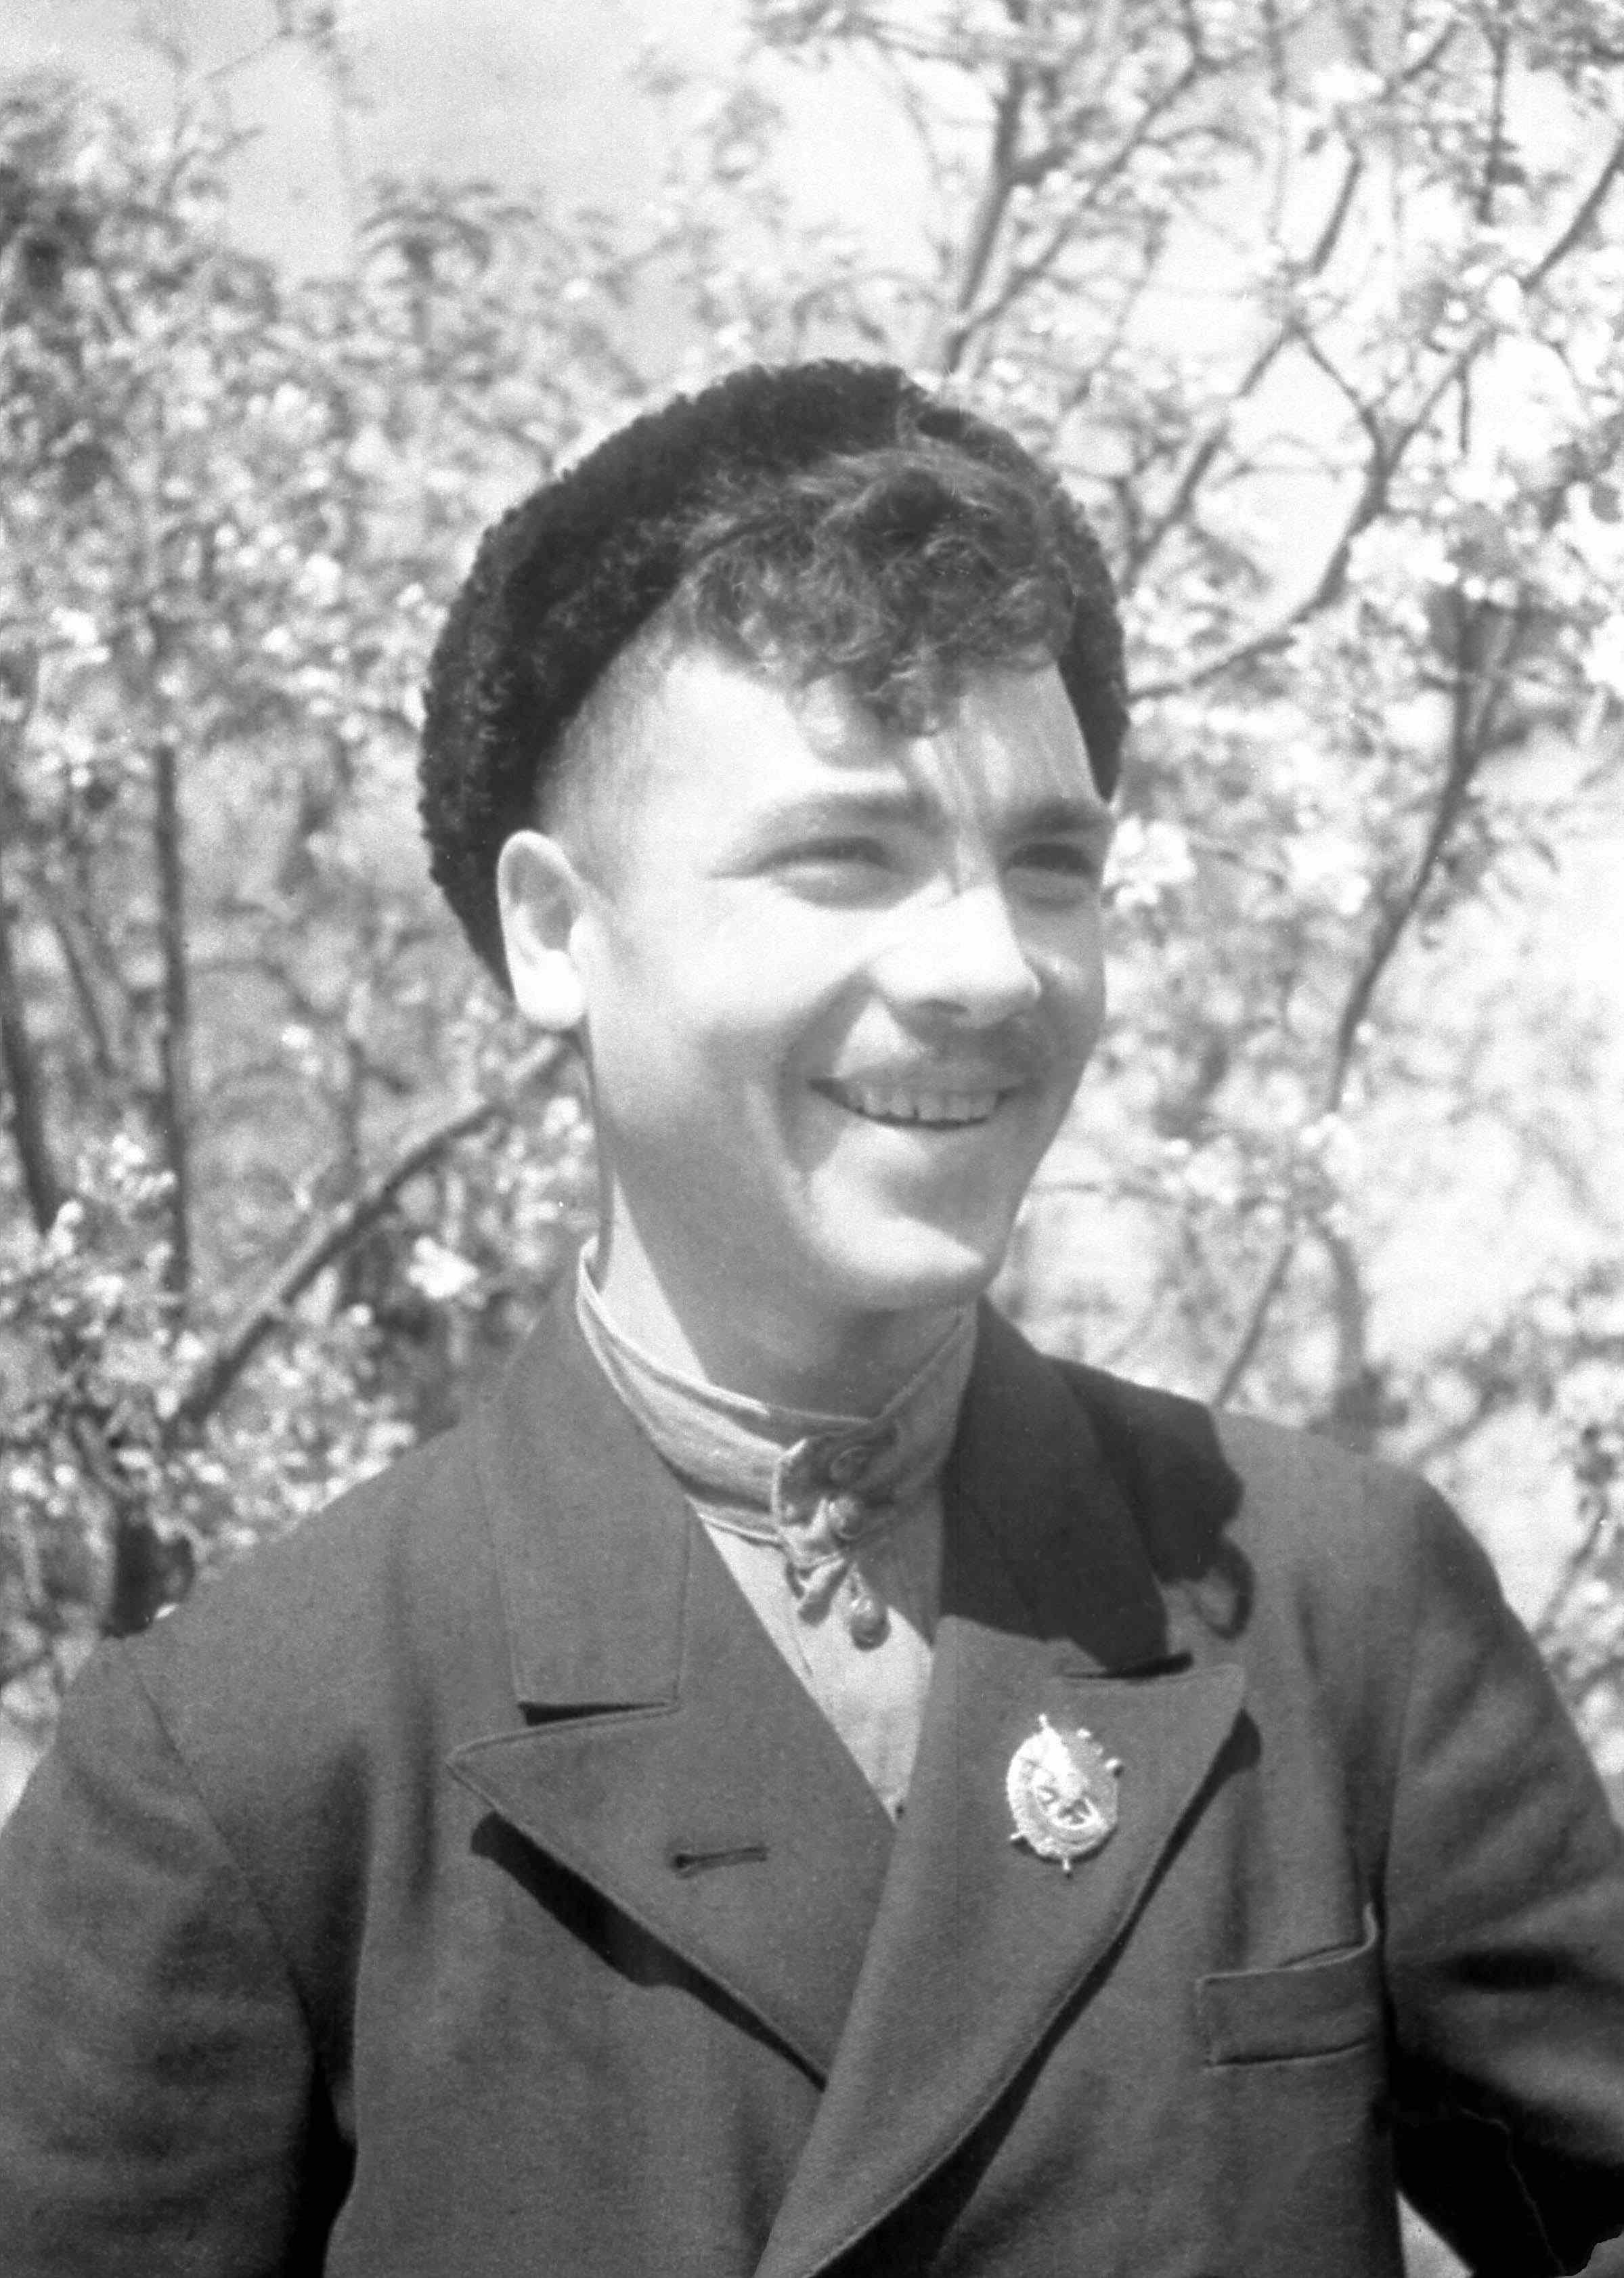 Экспонат #43. Симферополь. Апрель 1944 года